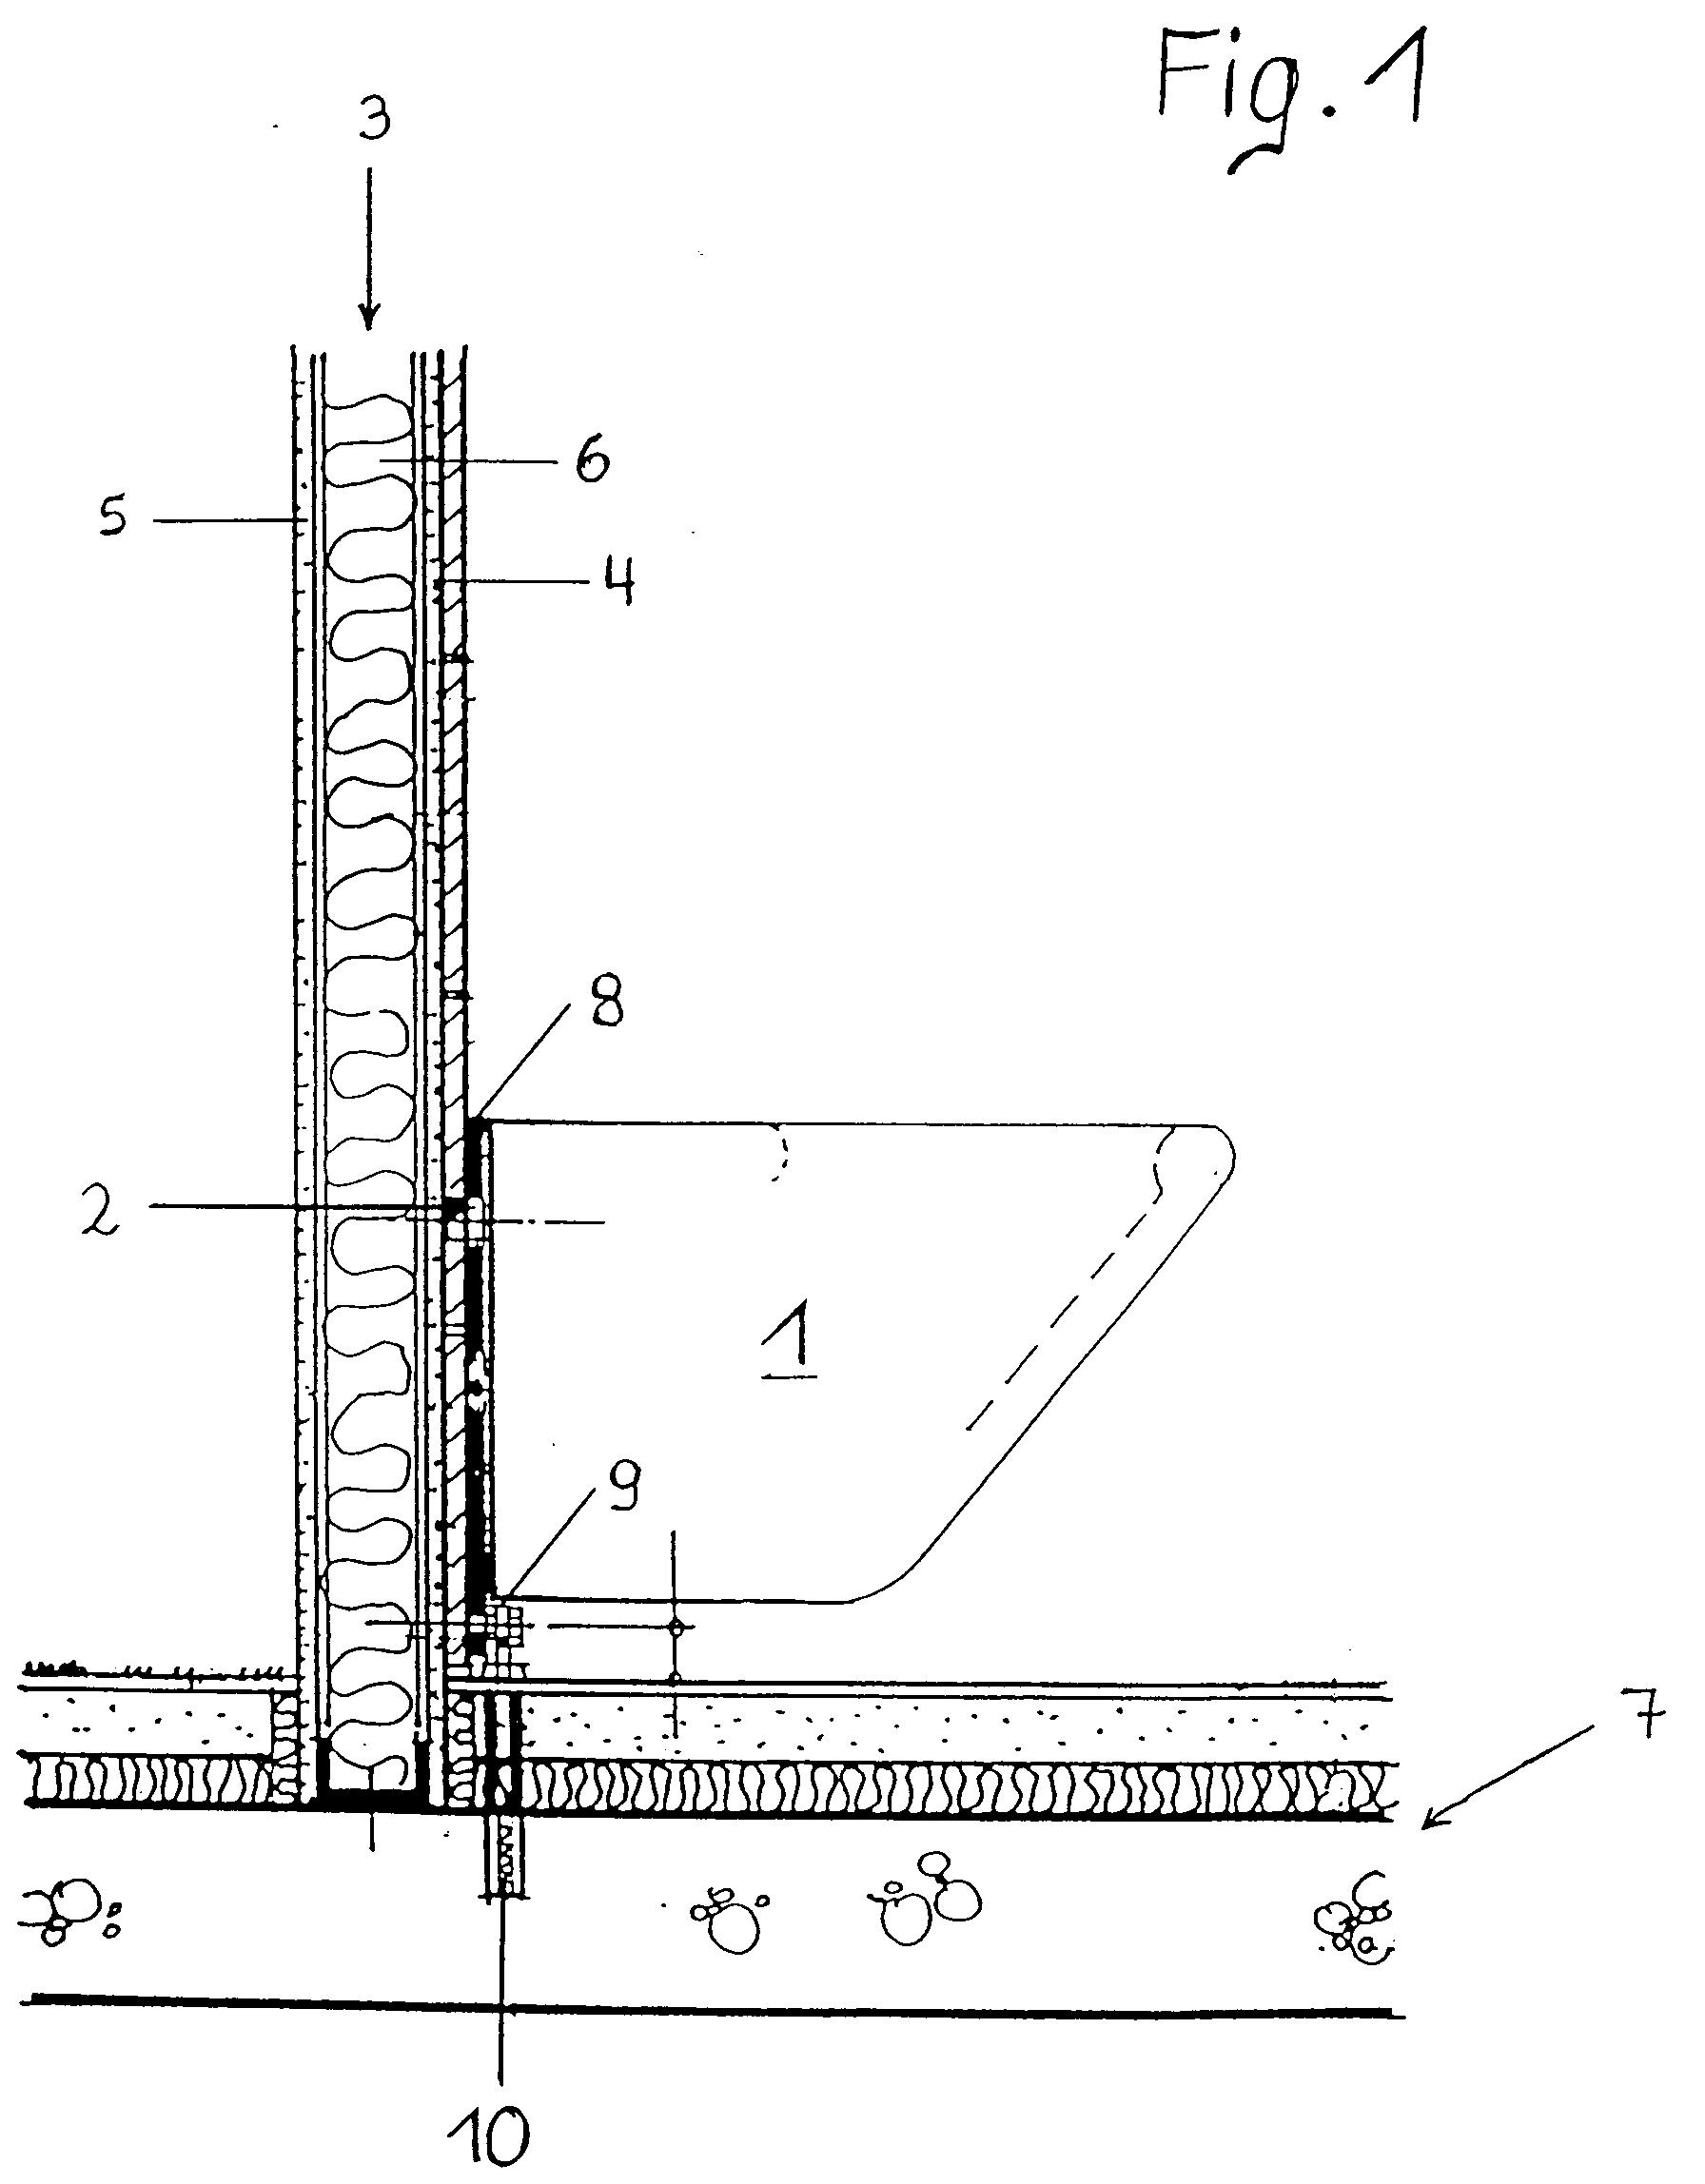 Befestigung Von Hangenden Sanitarobjekten Patent 0743403